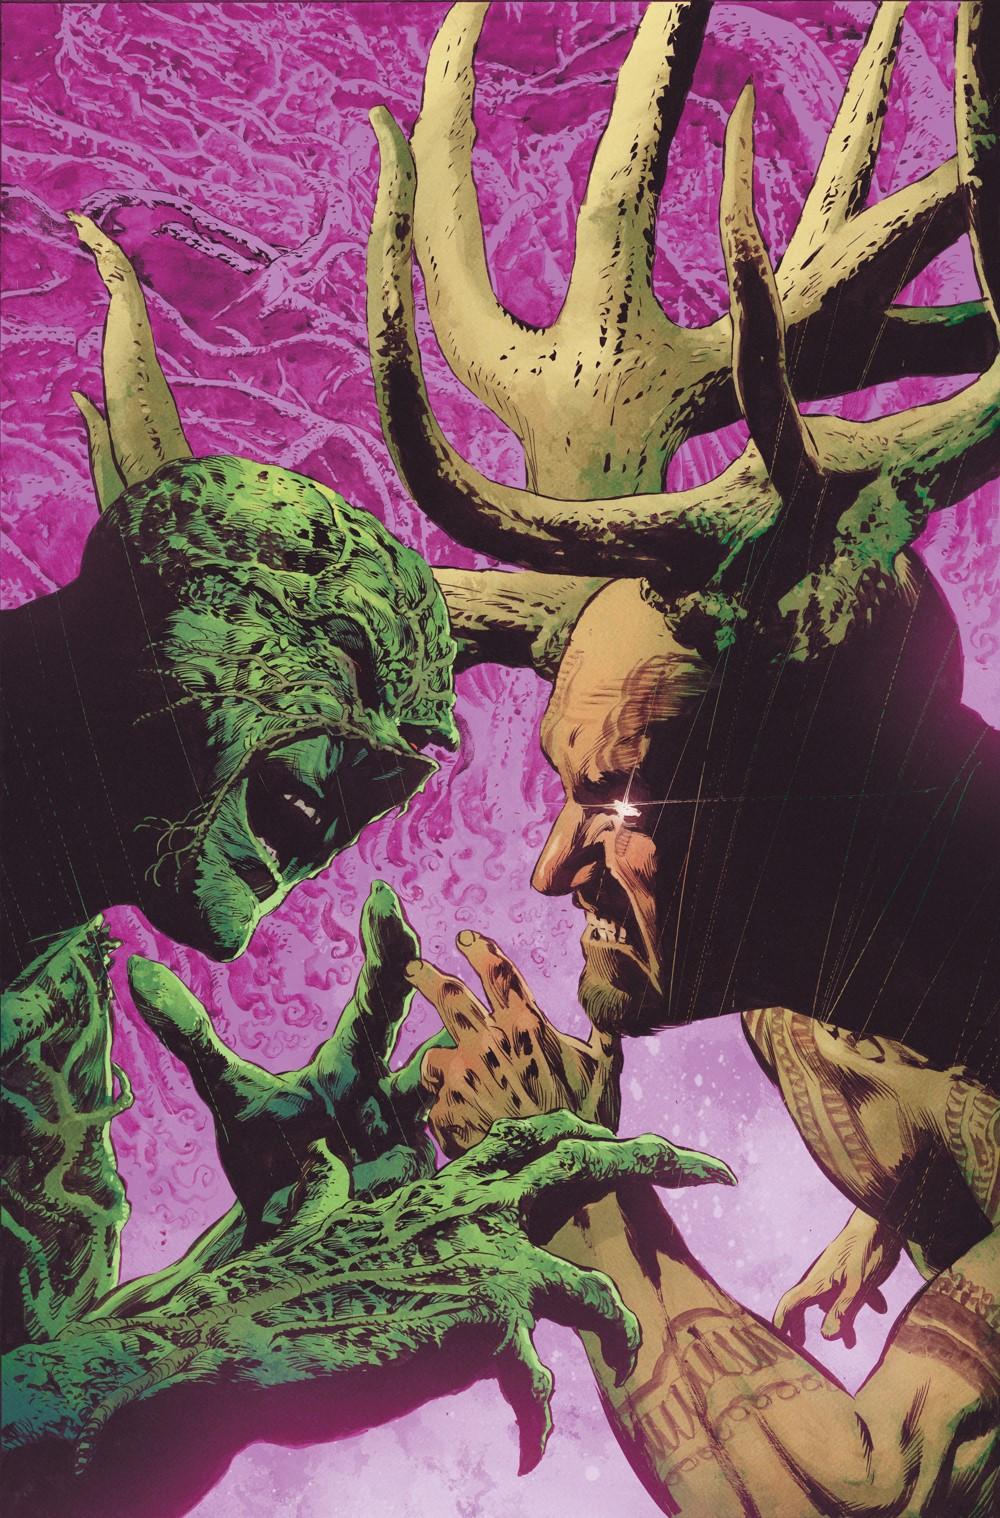 THE-SWAMP-THING-Cv9 DC Comics November 2021 Solicitations